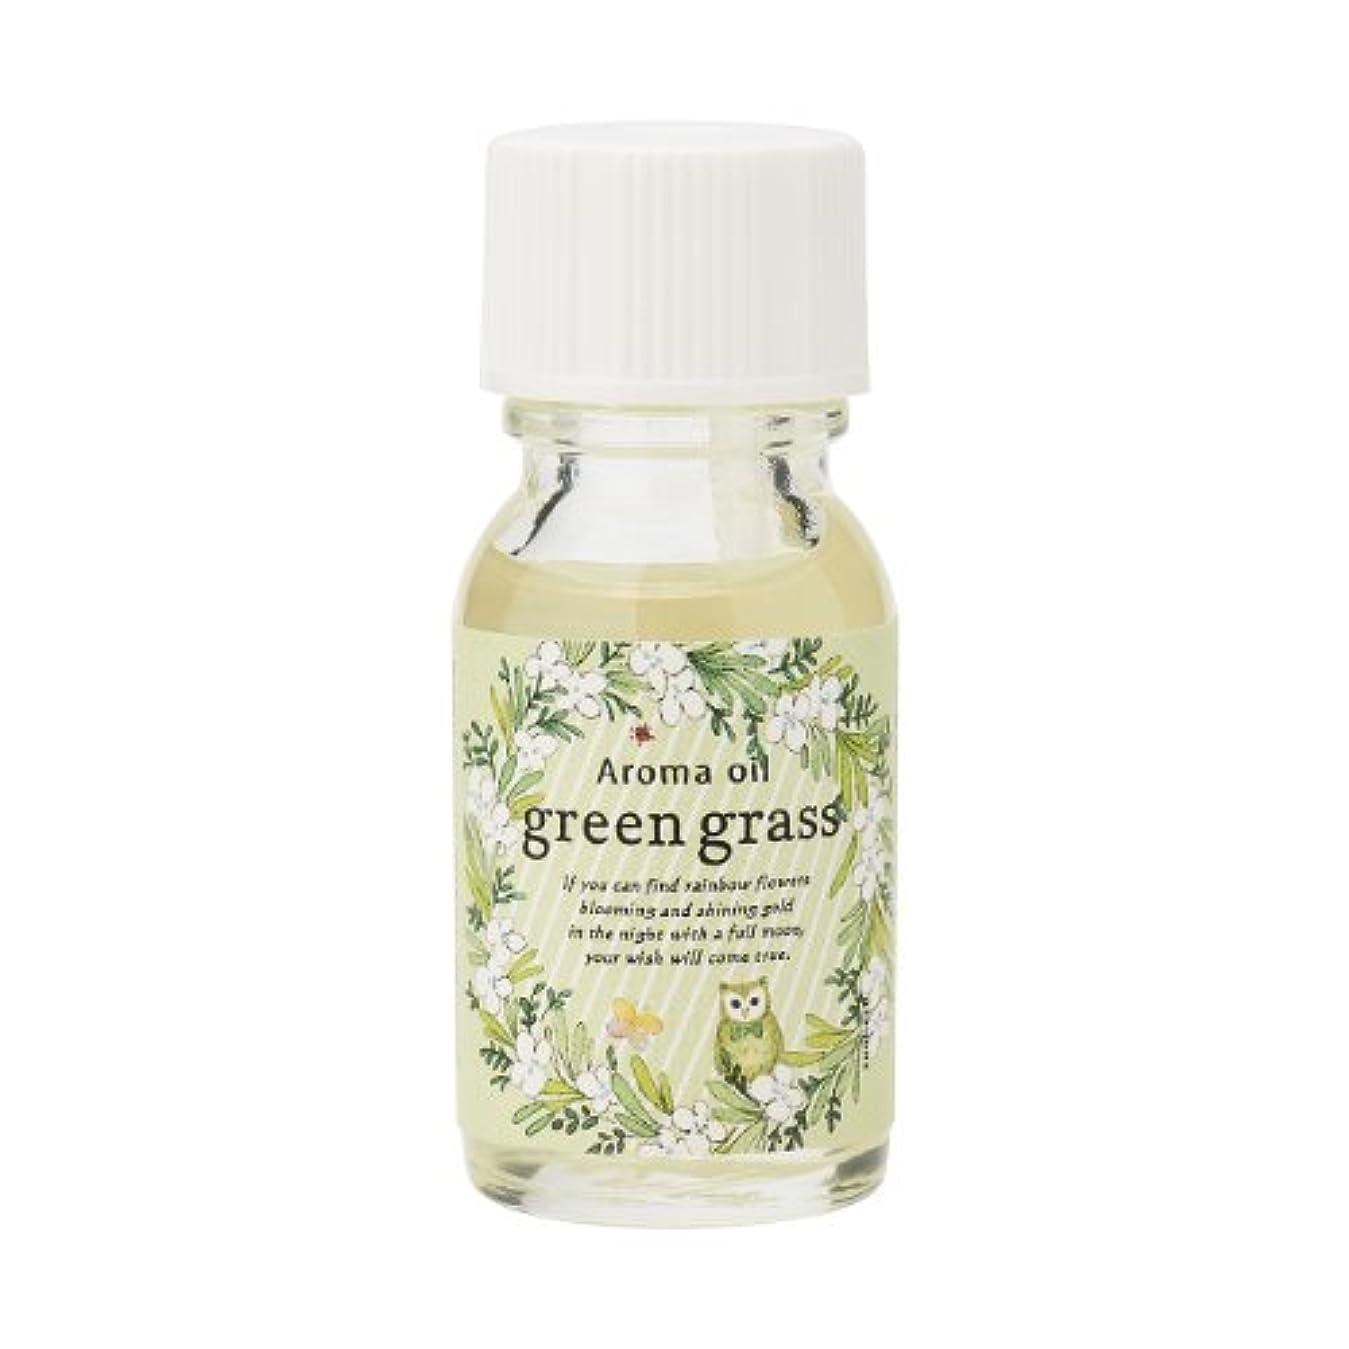 パフ熱望する蓄積するサンハーブ アロマオイル グリーングラス 13ml(爽やかでちょっと大人の香り)